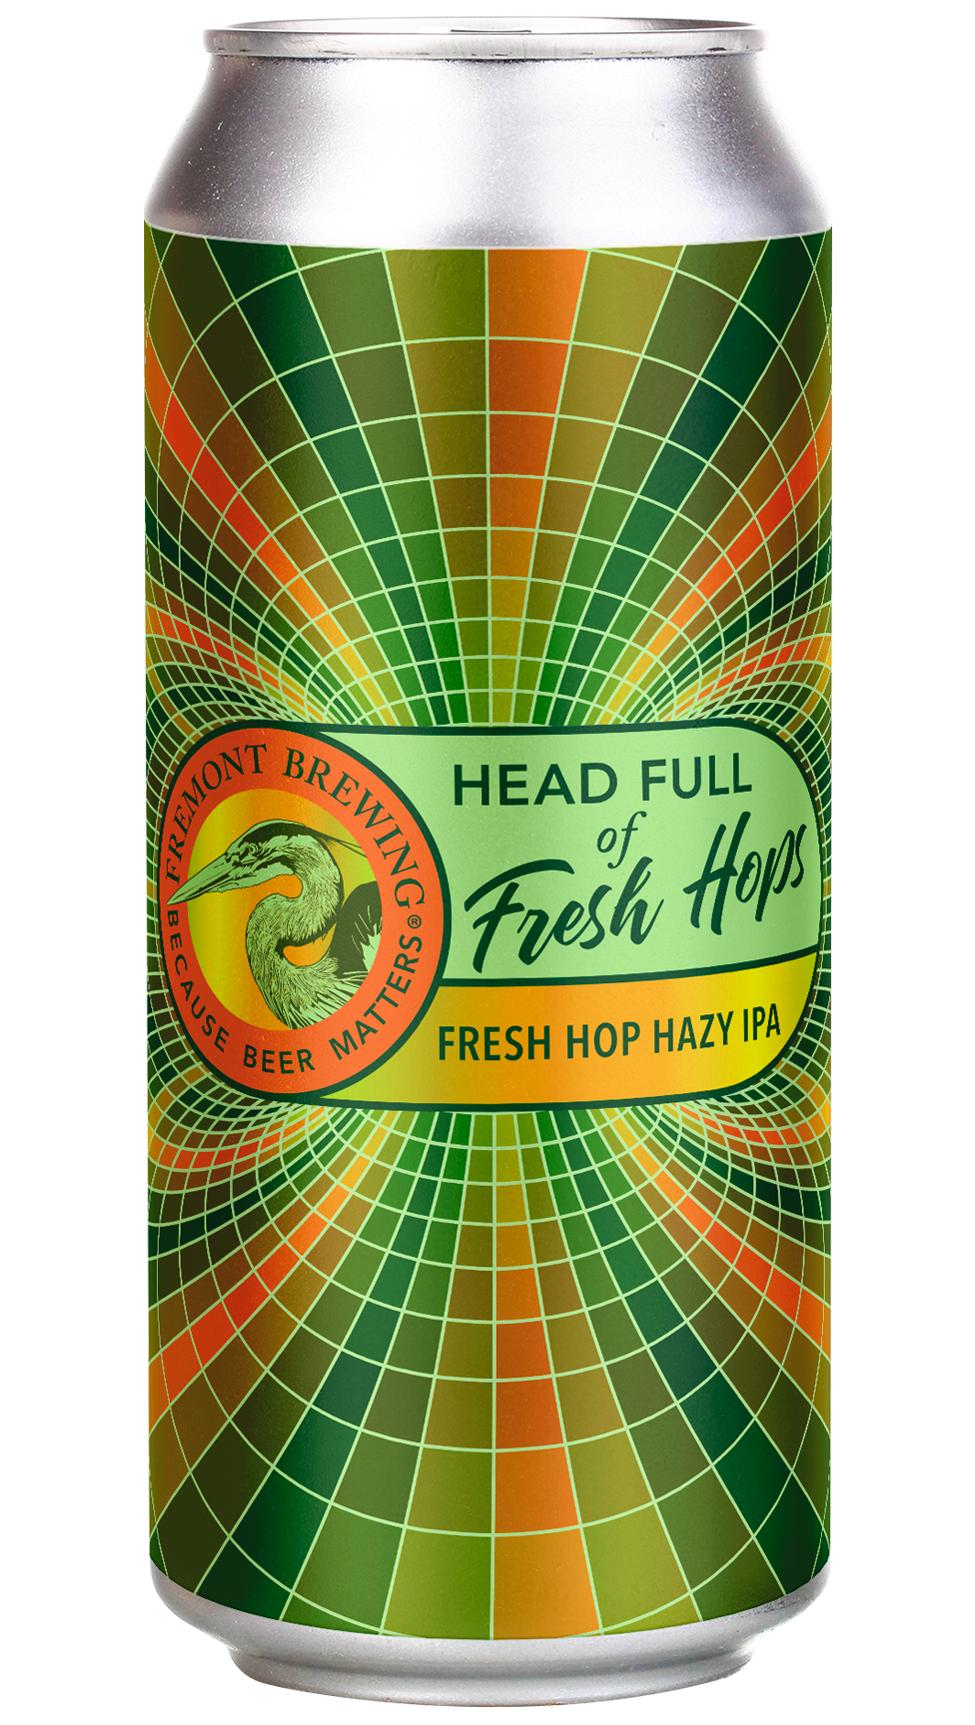 Head Full of Fresh Hops